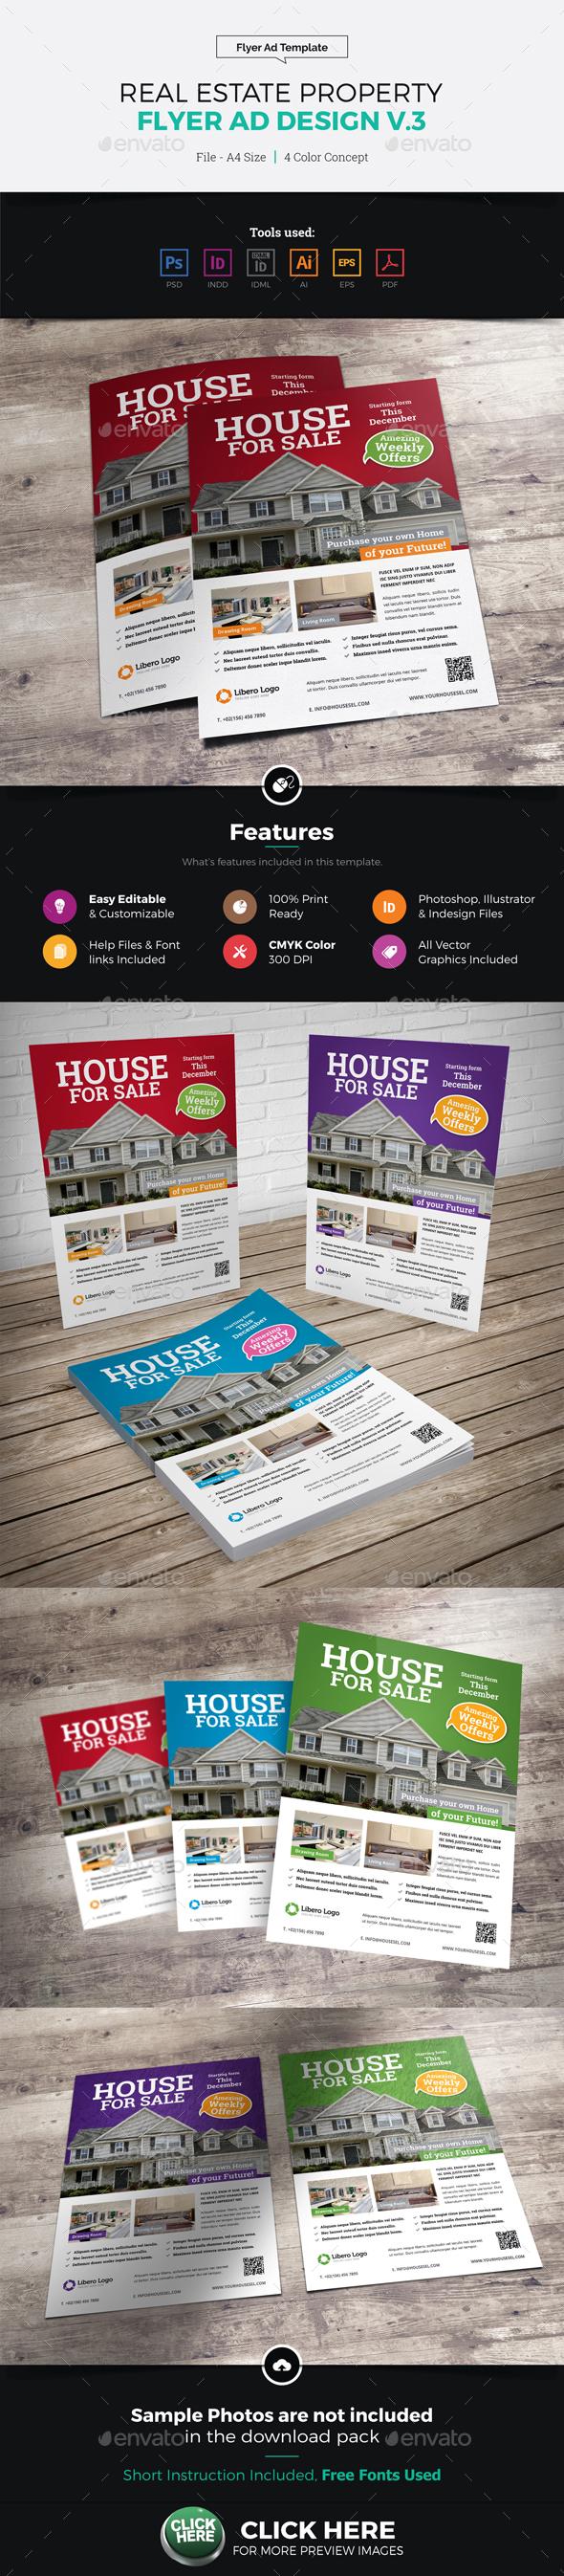 Real Estate Flyer Ad Design v3 - Corporate Flyers